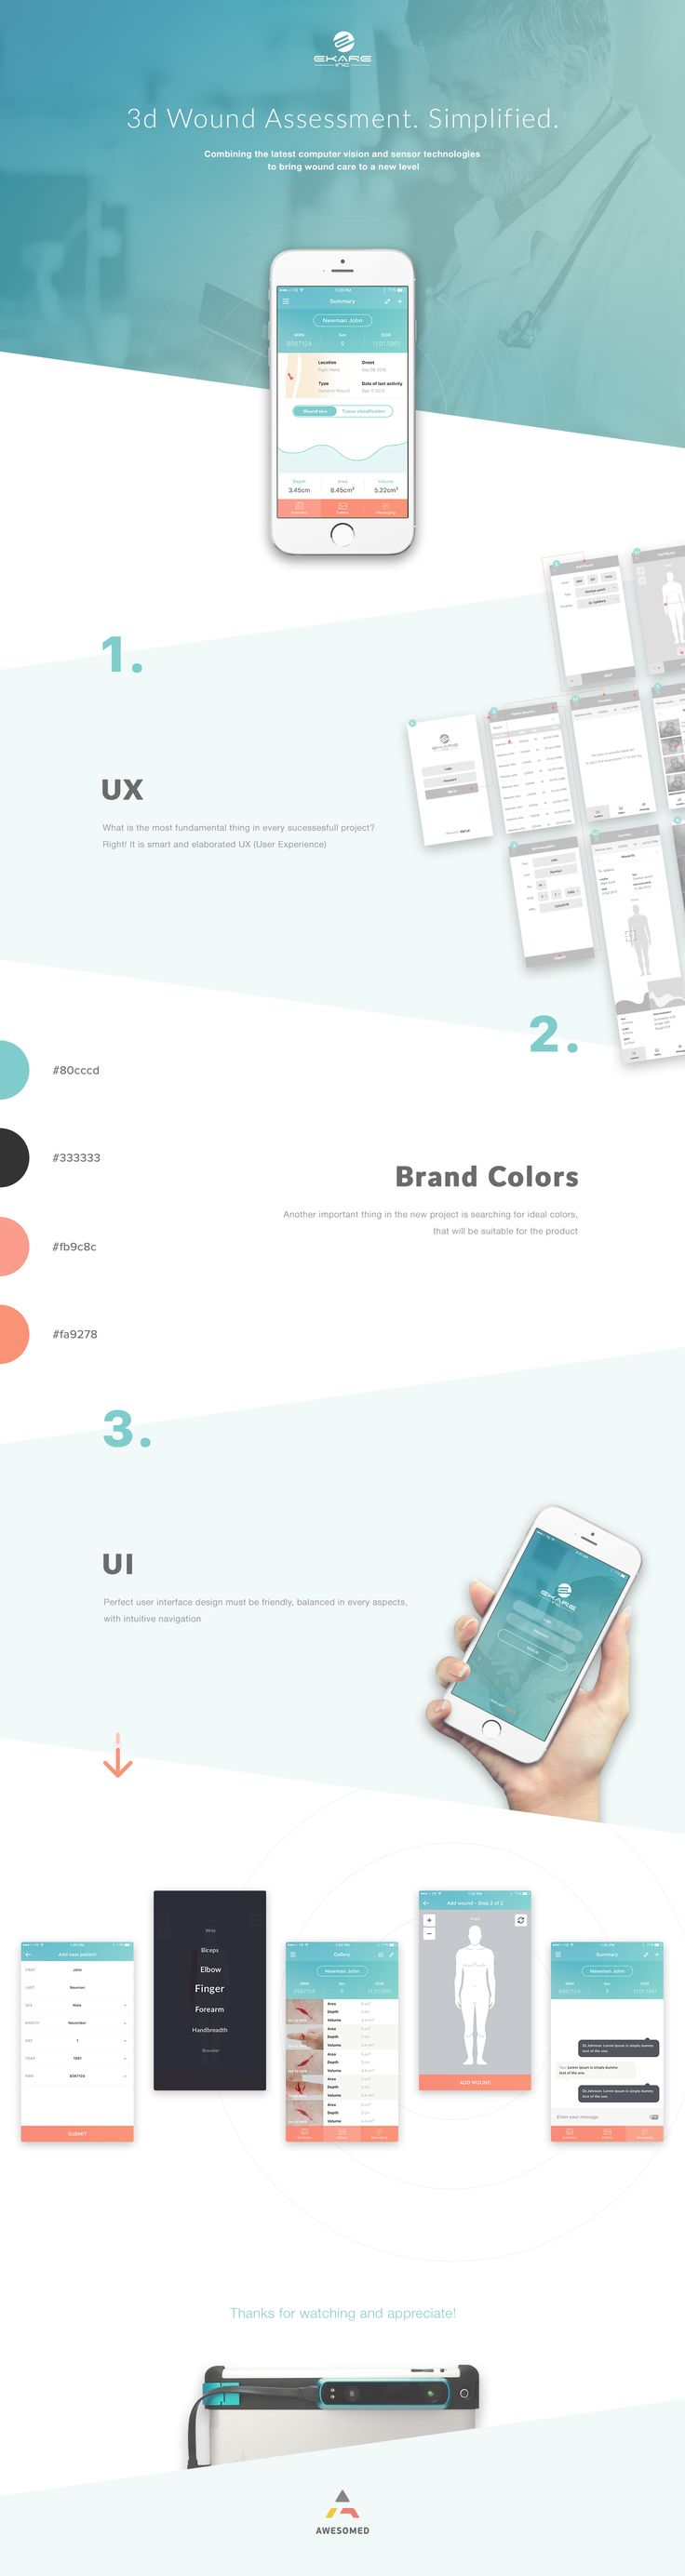 Medecine Startup. UX/UI design for eKare Inc. on Behance